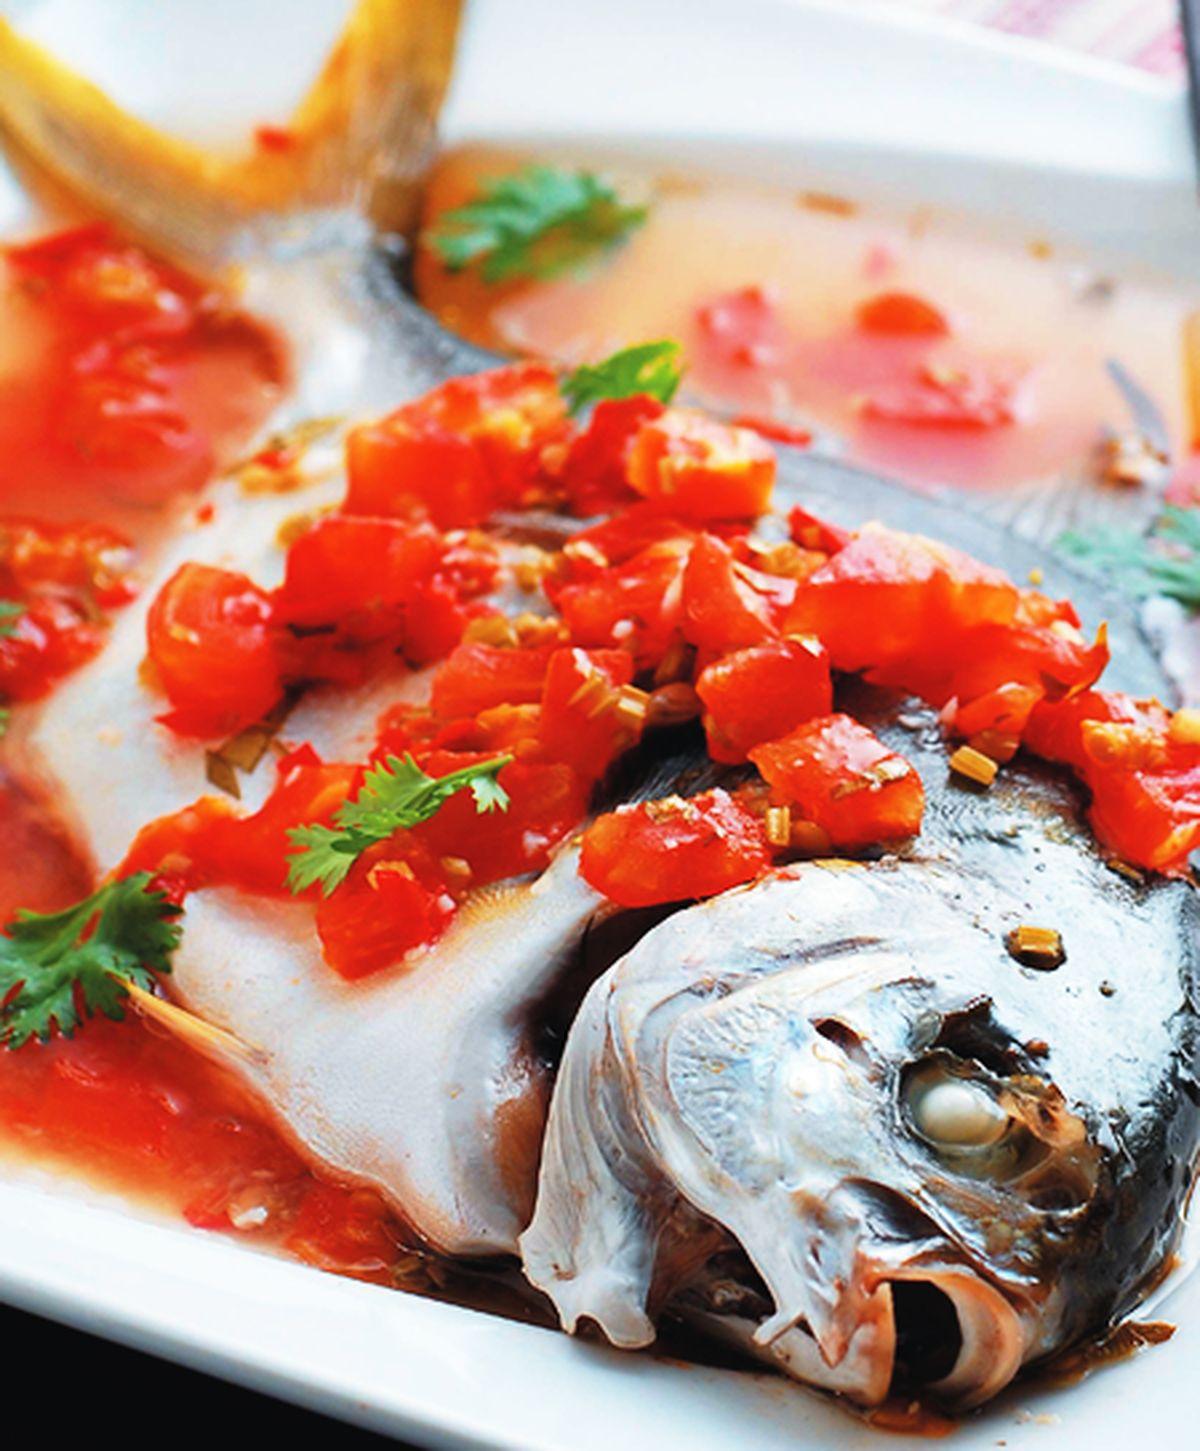 食譜:泰式蒸魚